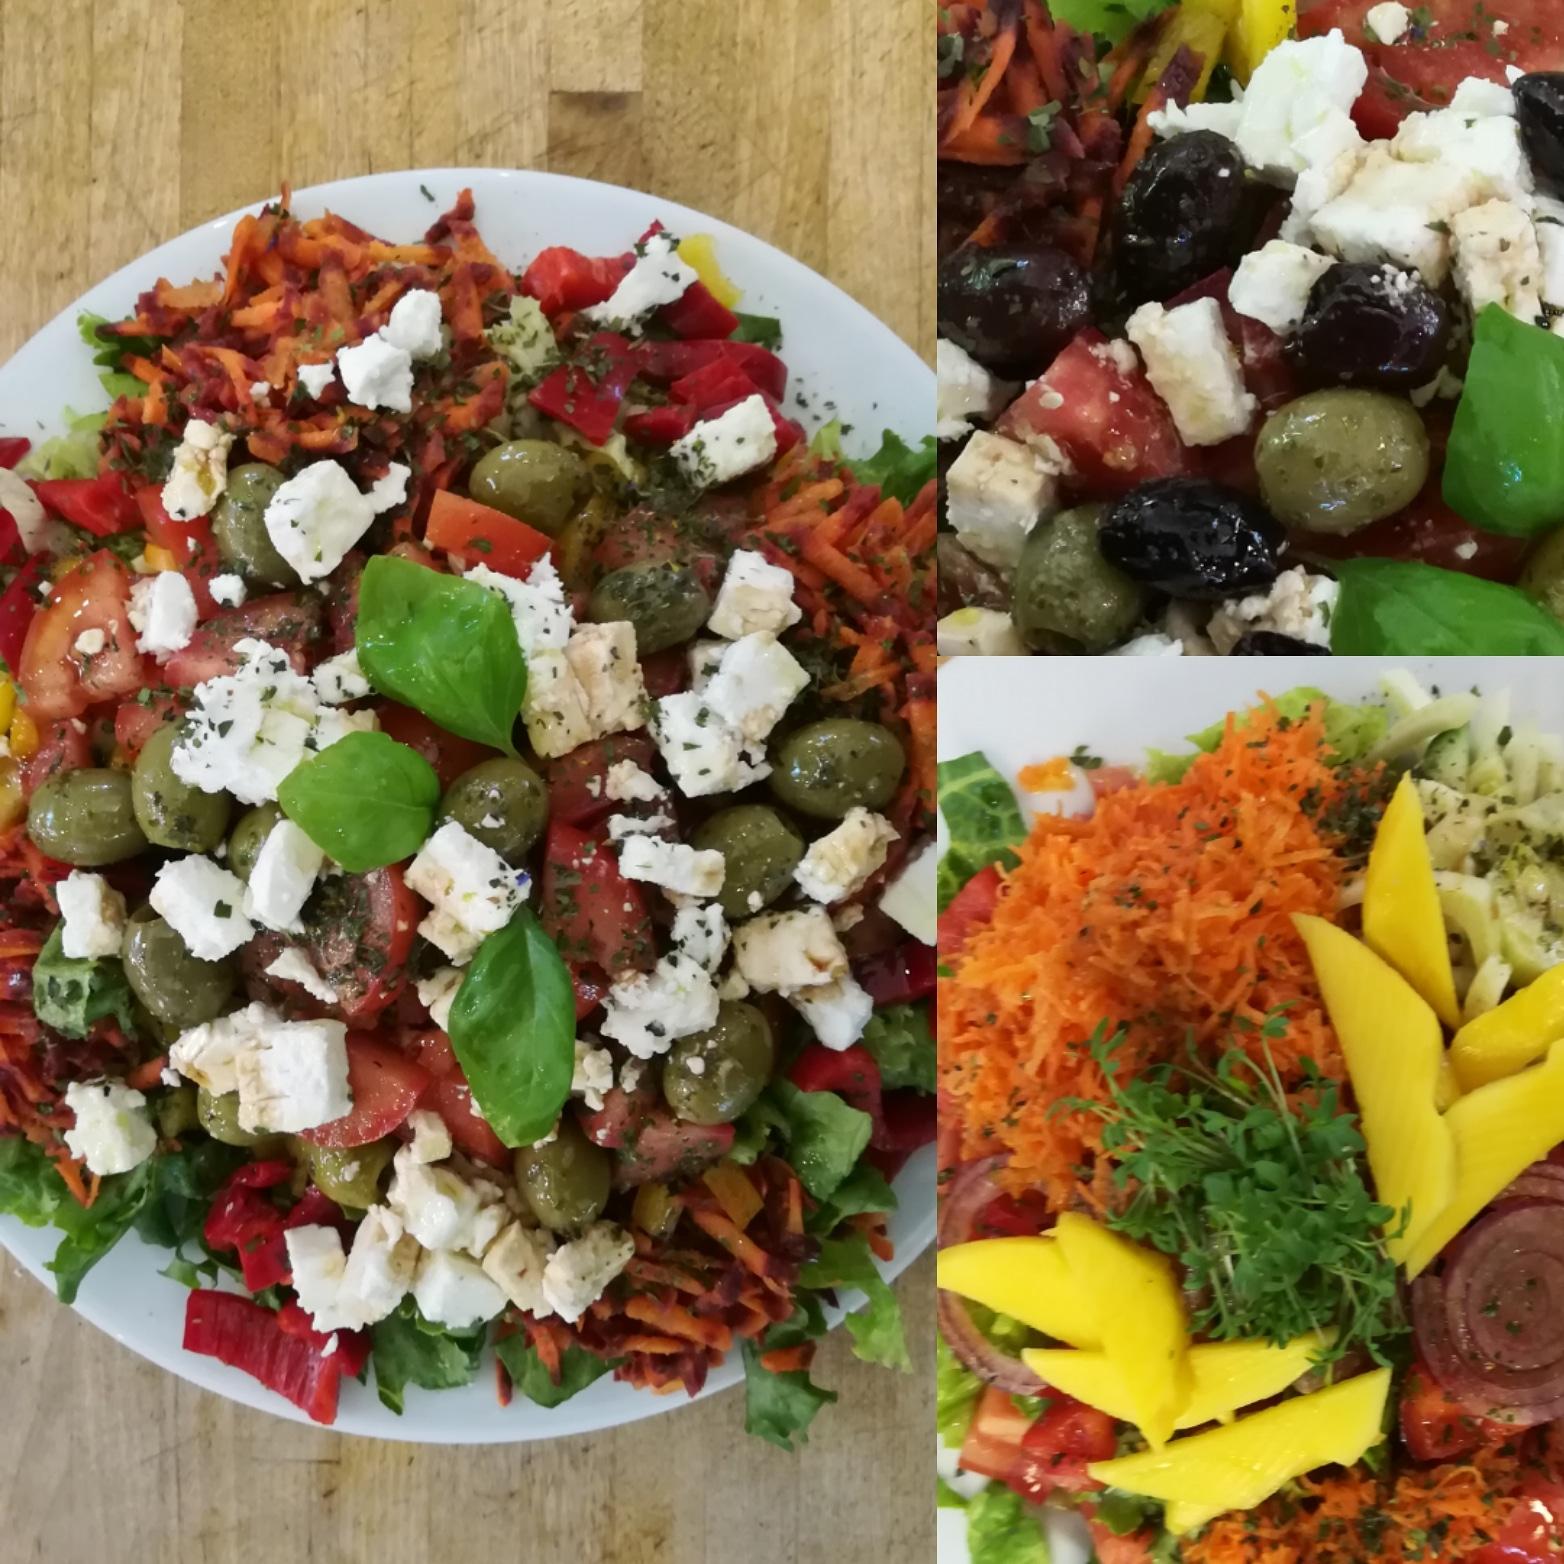 Bunter Bio-Salatteller Salat-Arrangements - Mittagstisch Mittagessen Biodelikat Bad Tölz